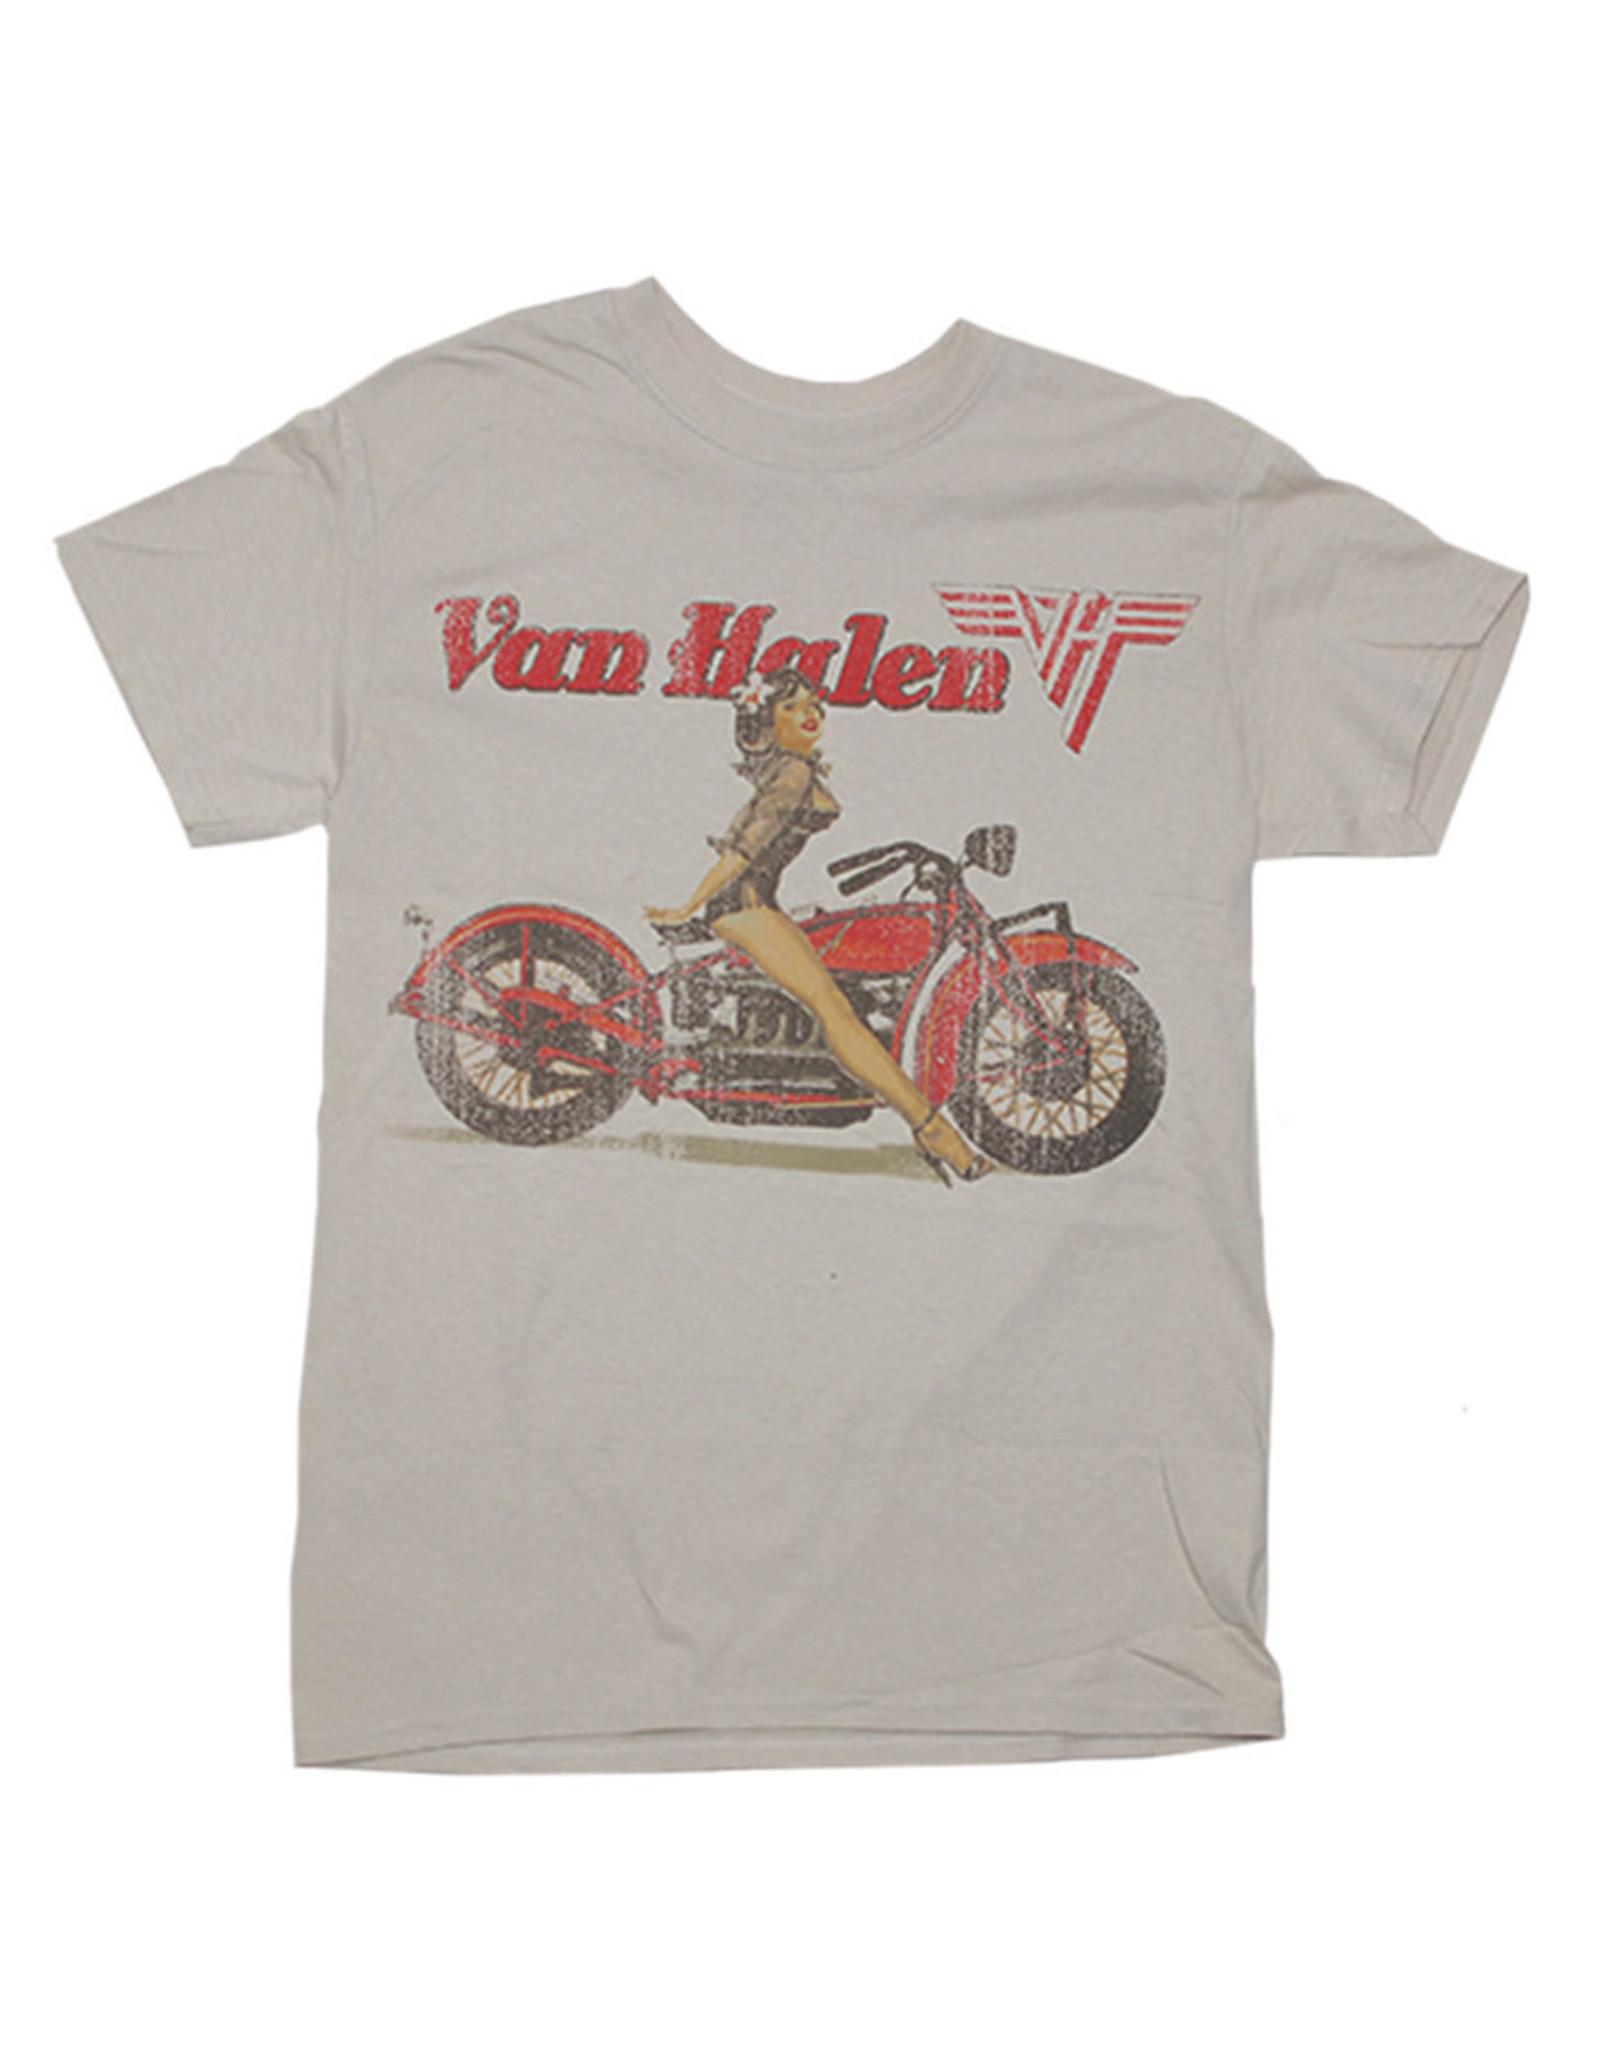 Star 500 Concert Series On Hollywood Tee Van Halen Biker S/S (Tan)